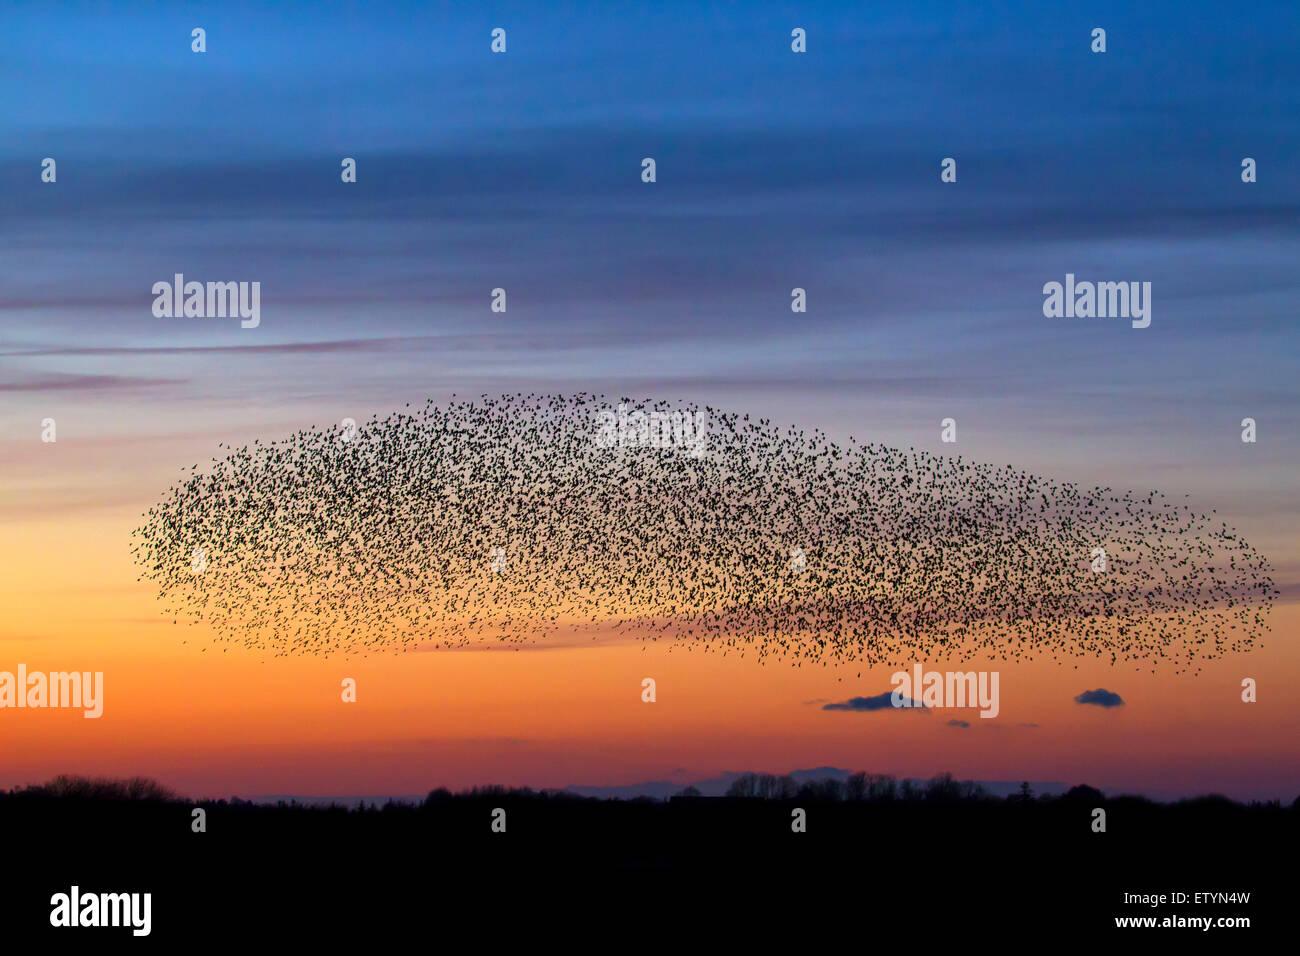 L'étourneau sansonnet murmuration / grande bande d'étourneaux sansonnets (Sturnus vulgaris) en Photo Stock